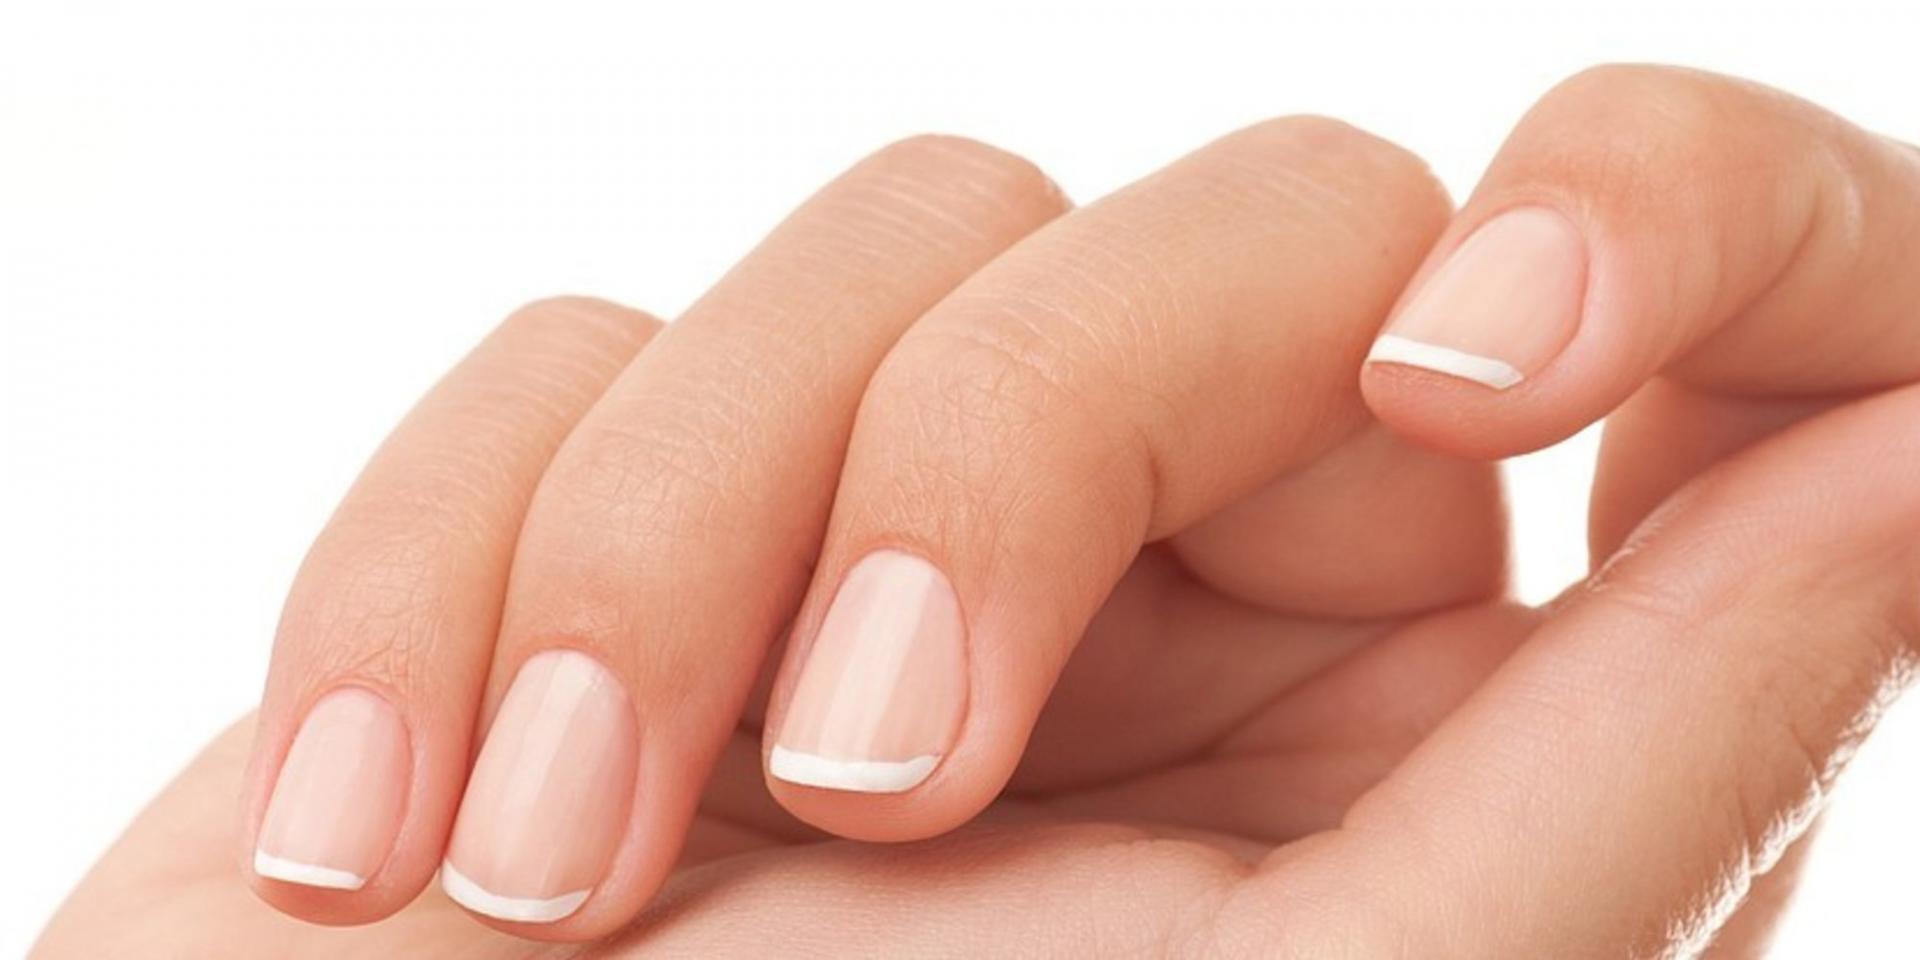 Здоровые ногти рук